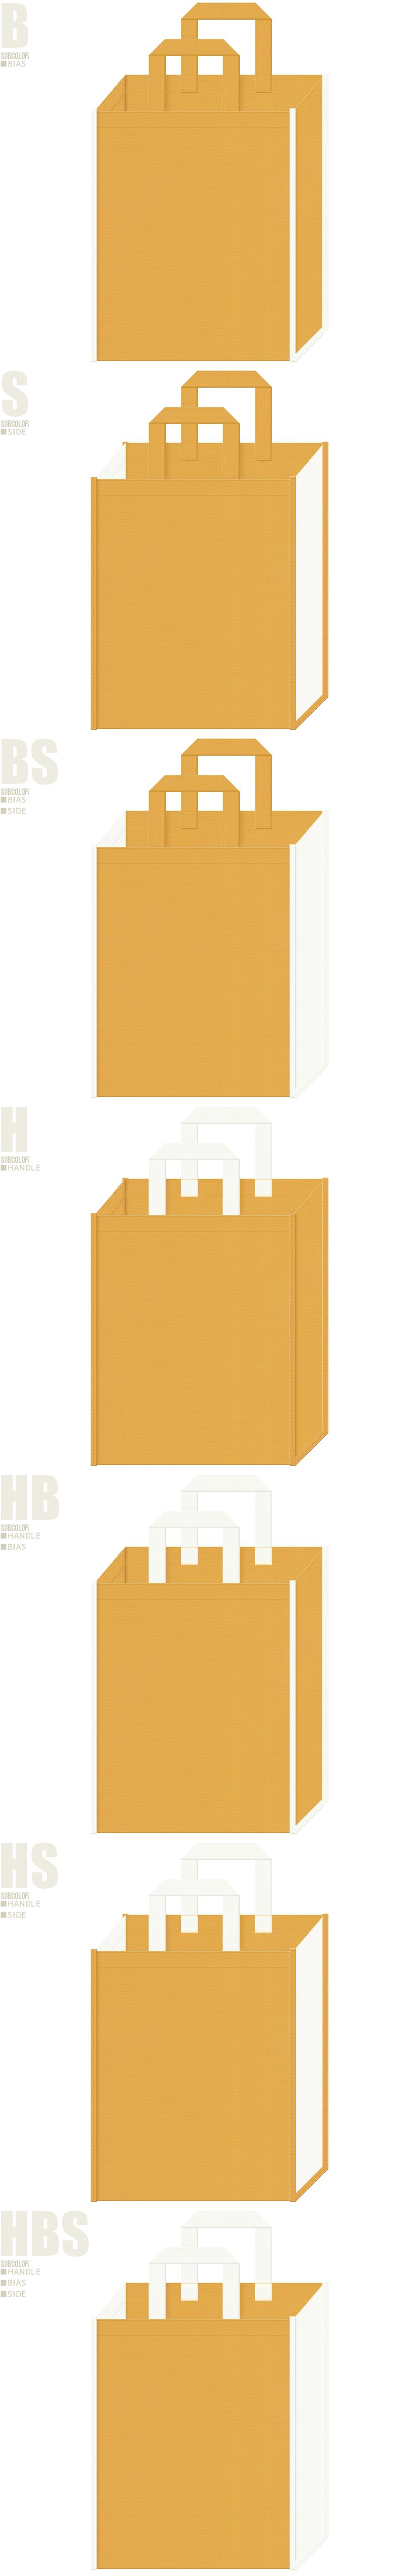 ニット・セーター・毛糸・手芸・乳製品・牧場・ソフトクリーム・生クリーム・ロールケーキ・スイーツ・ベーカリーショップにお奨めの不織布バッグデザイン:黄土色とオフホワイト色の配色7パターン